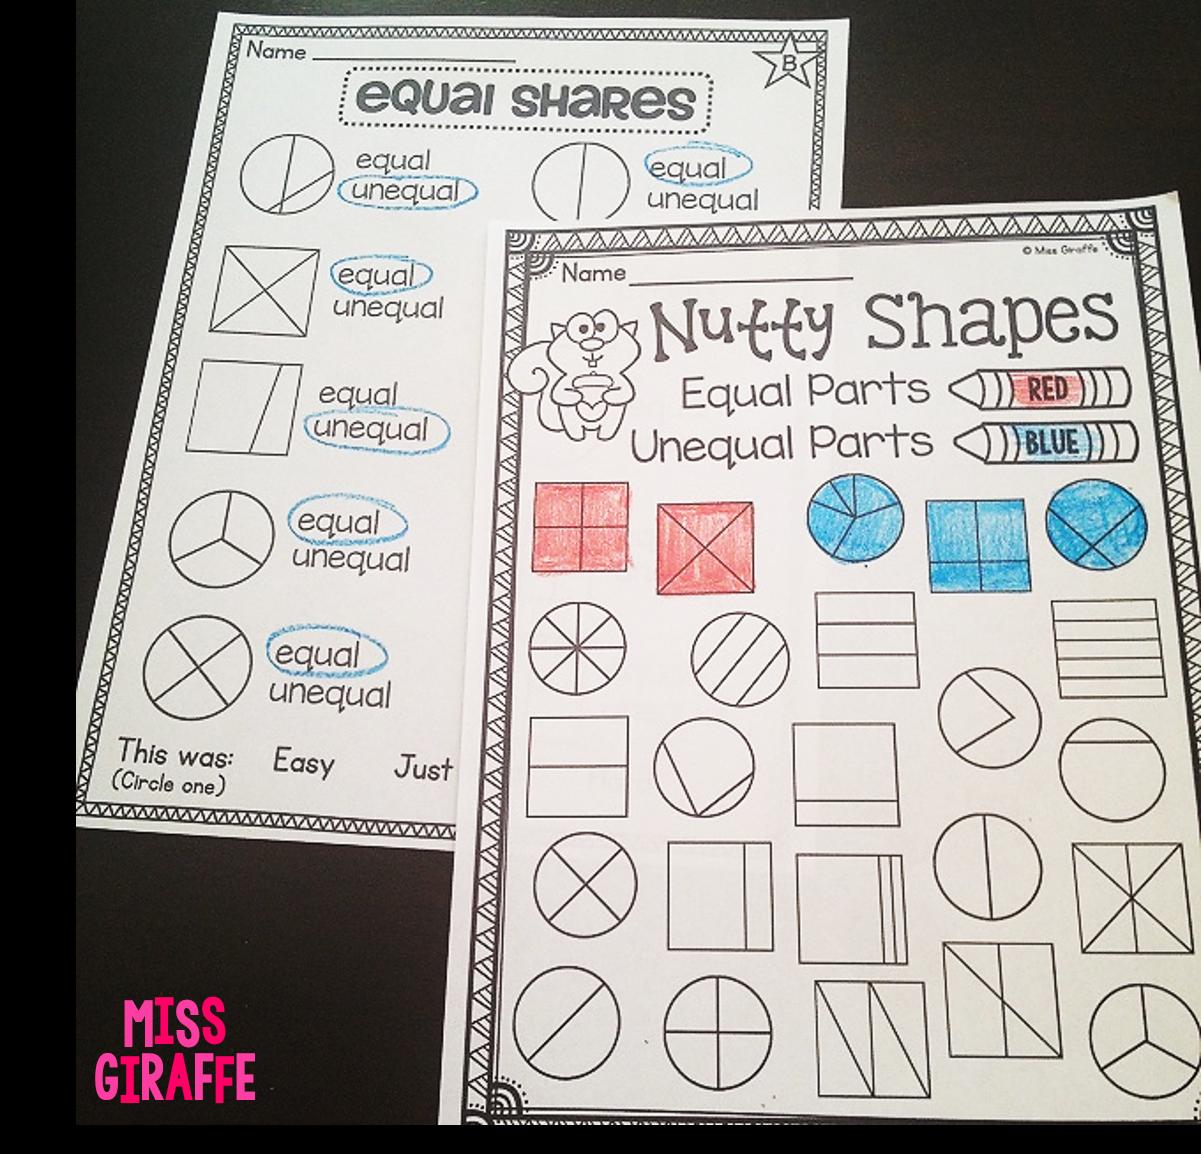 Miss Giraffe's Class: Fractions in First Grade [ 1154 x 1201 Pixel ]